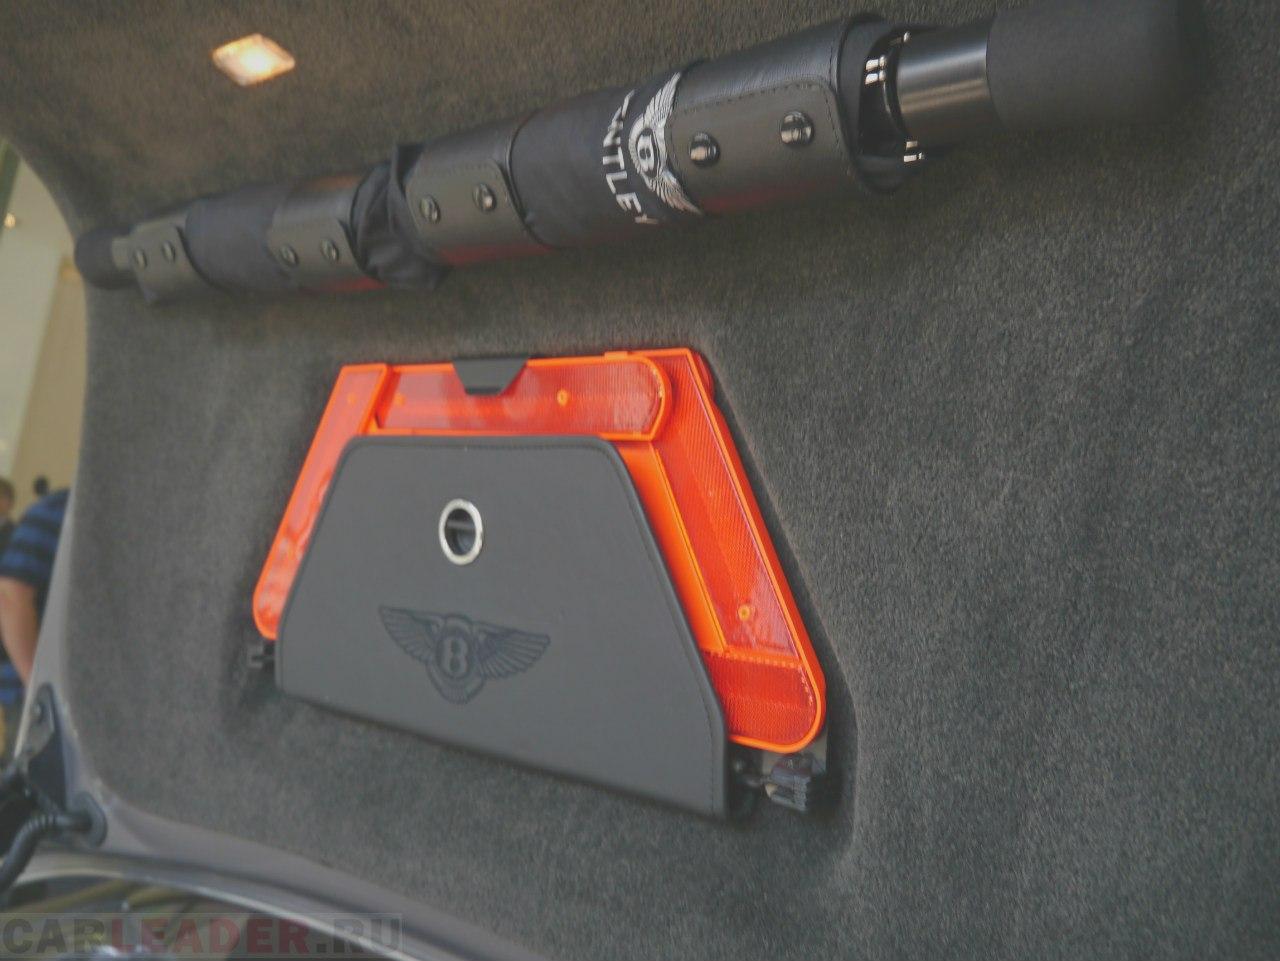 Багажник сам открывается без нареканий. Закрывается - тоже. Даже с дотягиванием, как и боковые двери. А такой массивный зонт вполне подойдет для самозащиты.